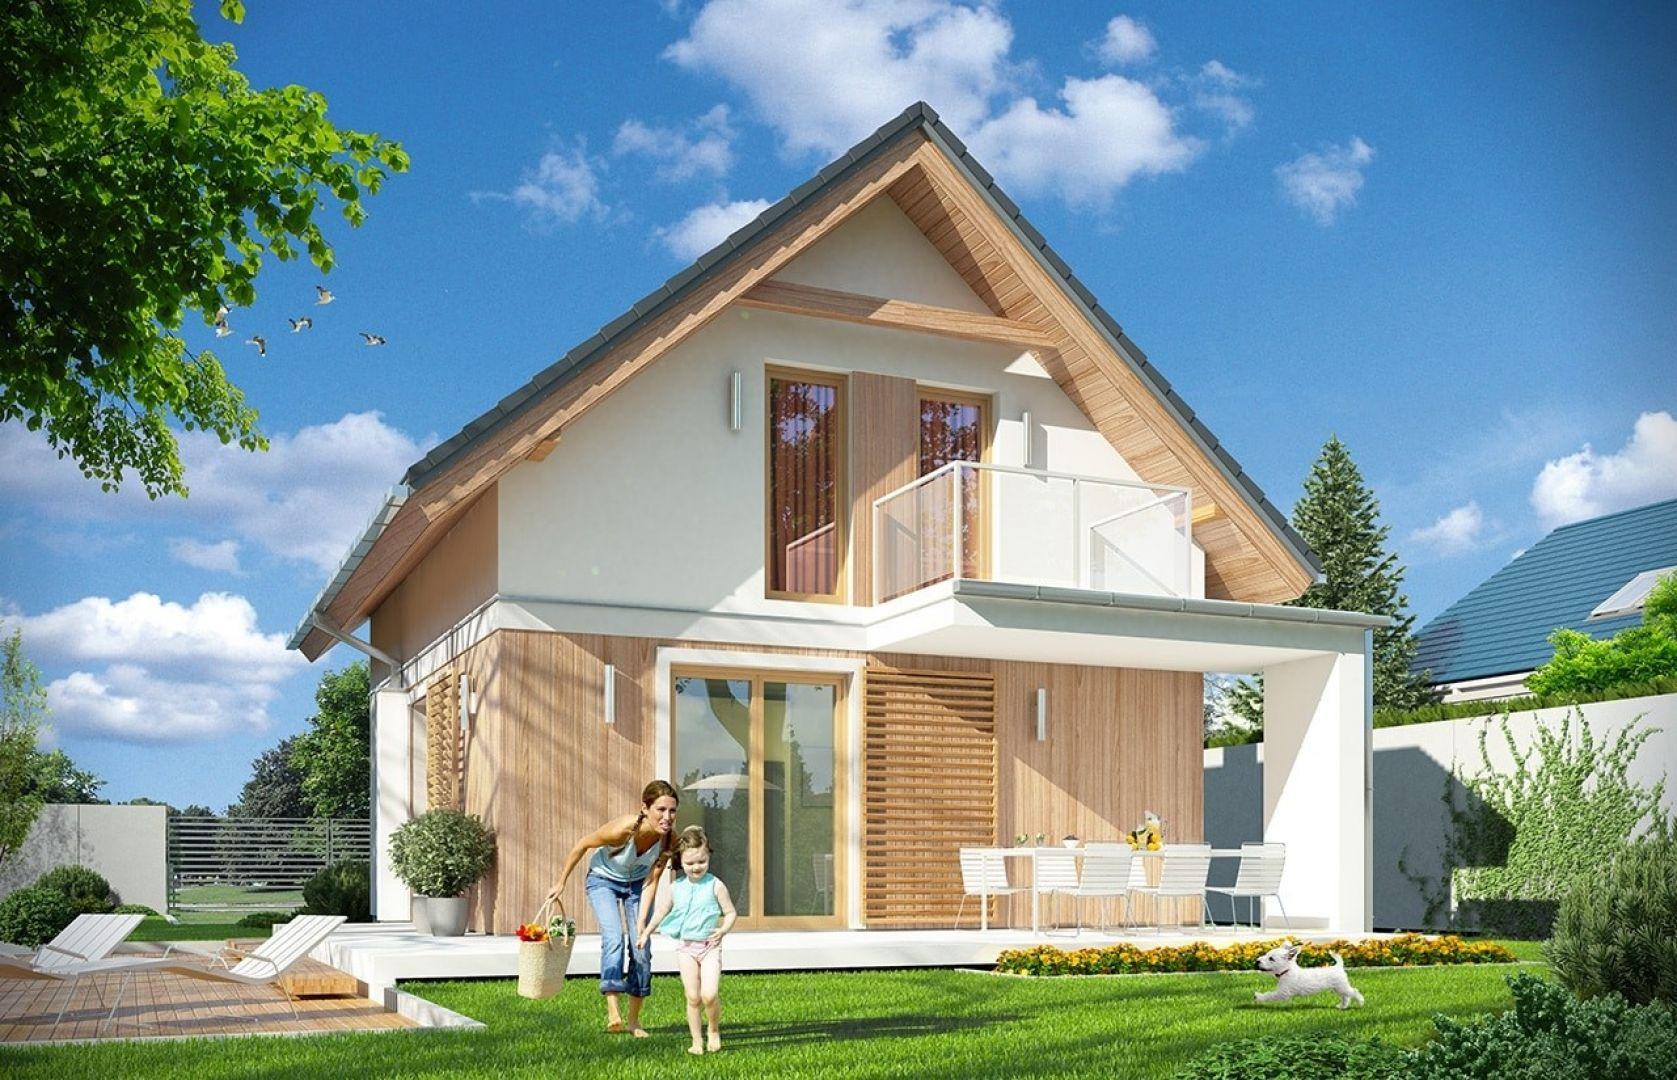 Ma poddasze użytkowe i przykryty jest dwuspadowym dachem. Projekt: arch. Michał Gąsiorowski. Fot. MG Projekt